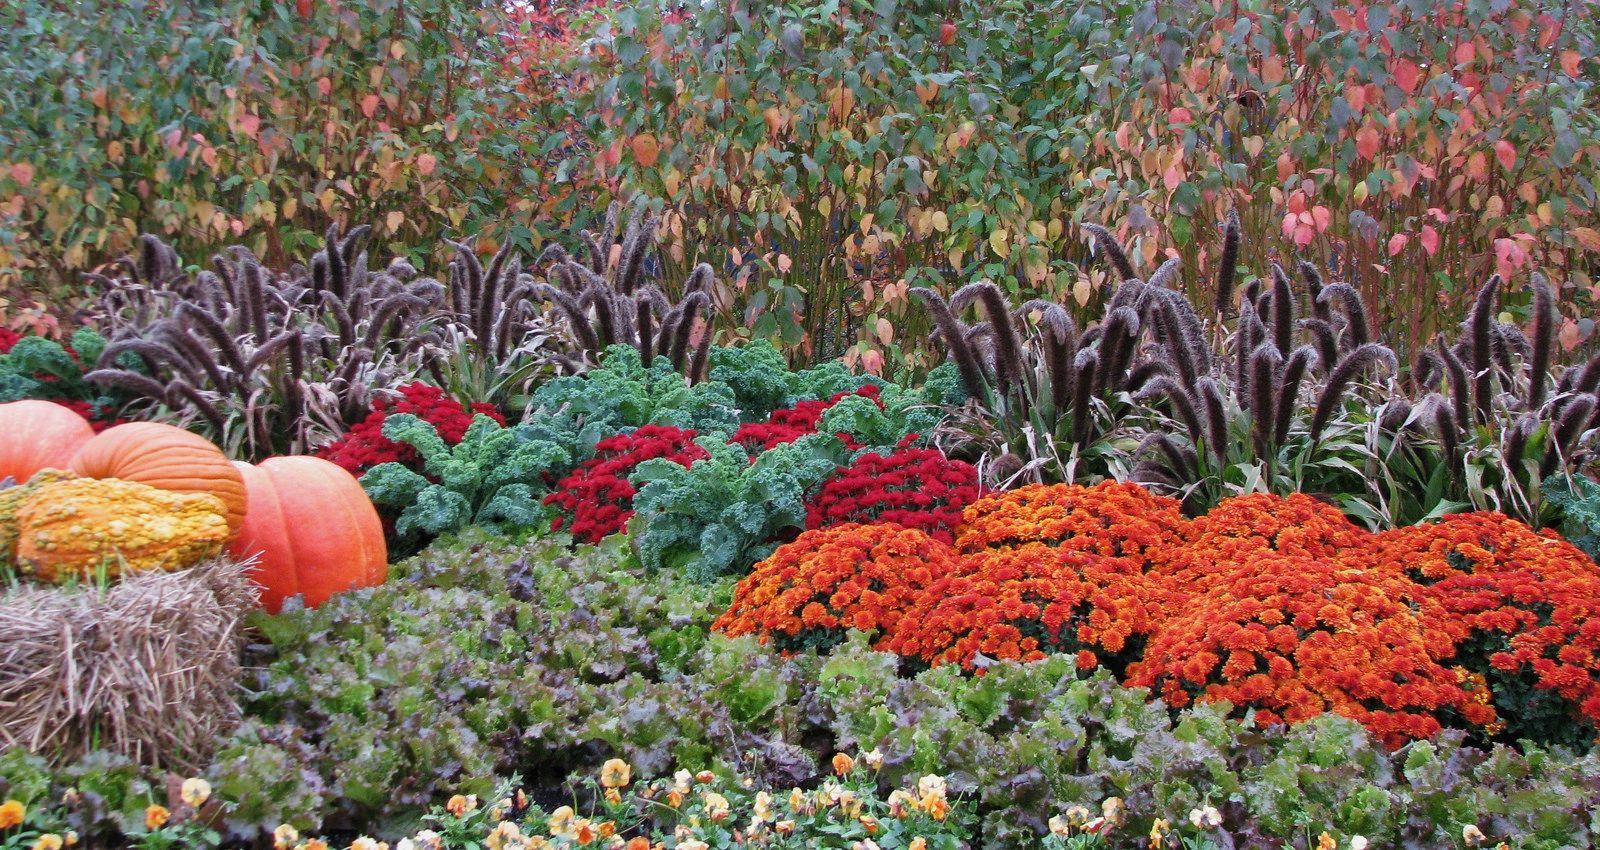 Fall Harvest | Flickr - Photo Sharing!